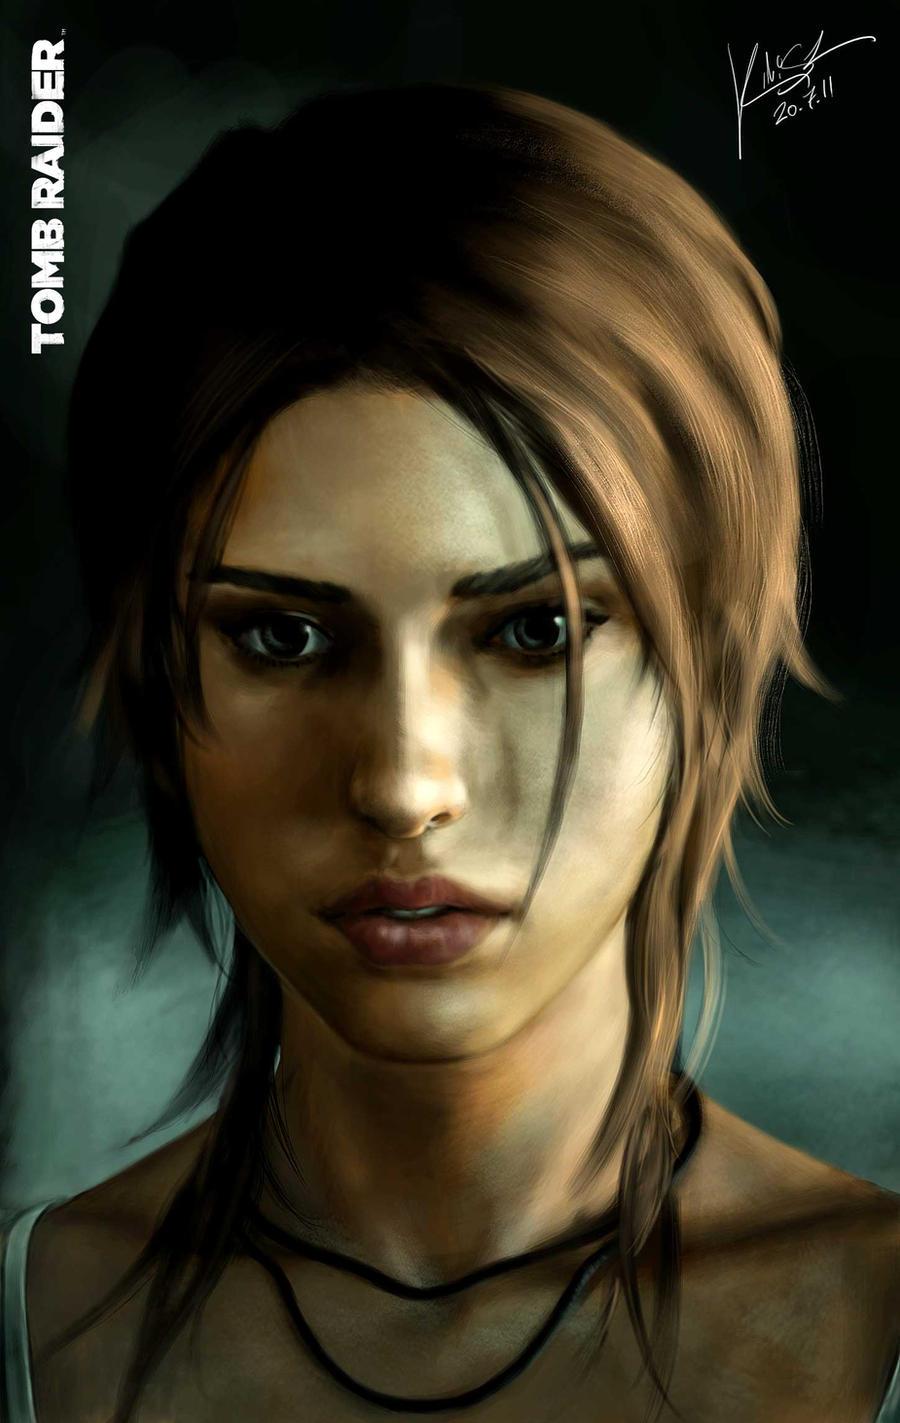 Portrait - Lara Croft by KimiSz